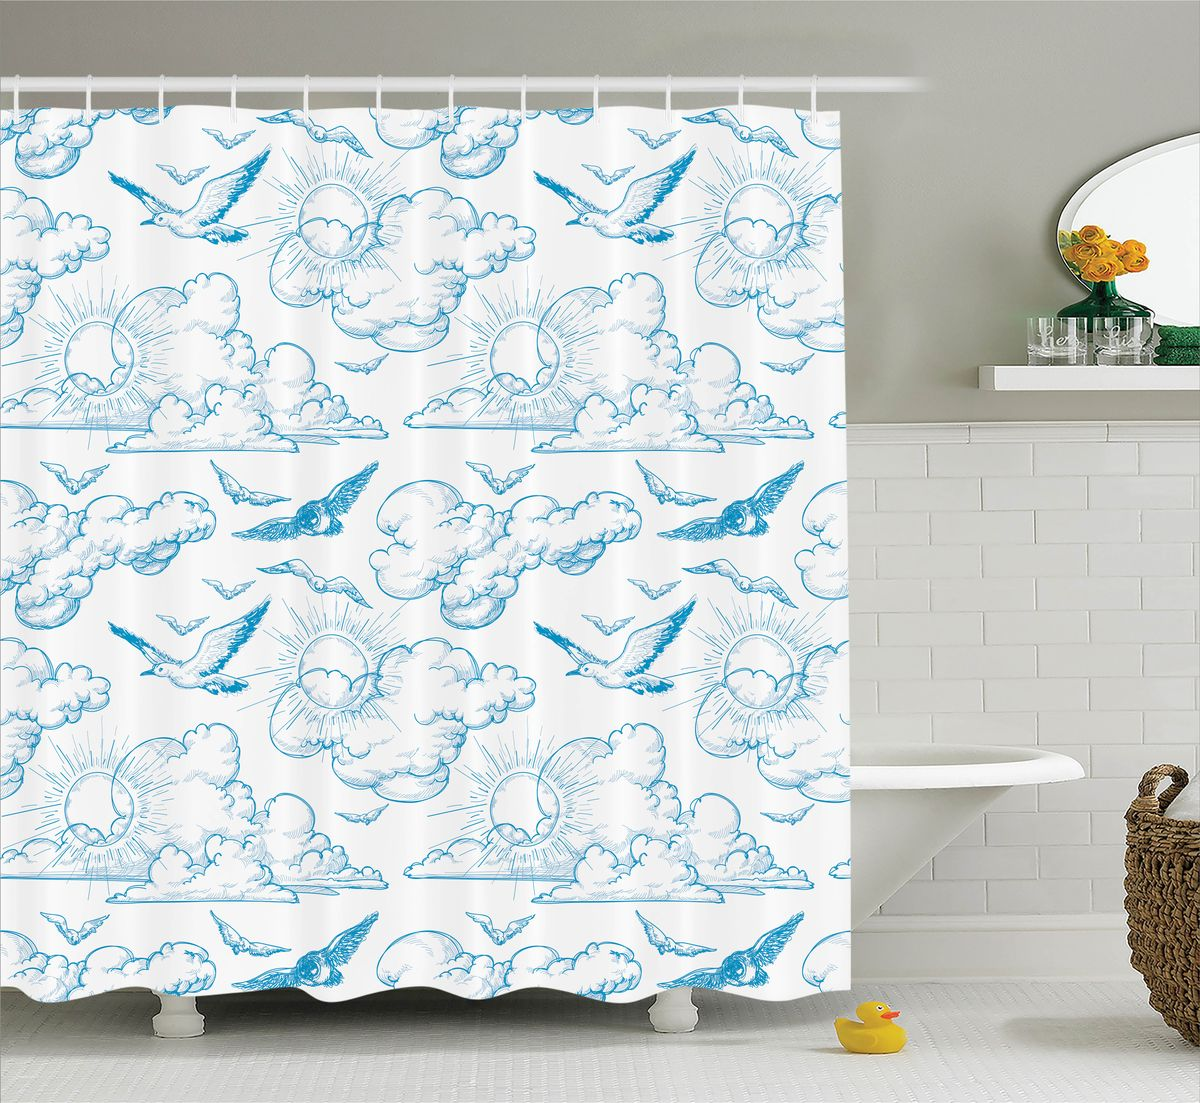 Штора для ванной комнаты Magic Lady Птицы в небе, 180 х 200 см68/5/4Штора Magic Lady Птицы в небе, изготовленная из высококачественного сатена (полиэстер 100%), отлично дополнит любой интерьер ванной комнаты. При изготовлении используются специальные гипоаллергенные чернила для прямой печати по ткани, безопасные для человека.В комплекте: 1 штора, 12 крючков. Обращаем ваше внимание, фактический цвет изделия может незначительно отличаться от представленного на фото.